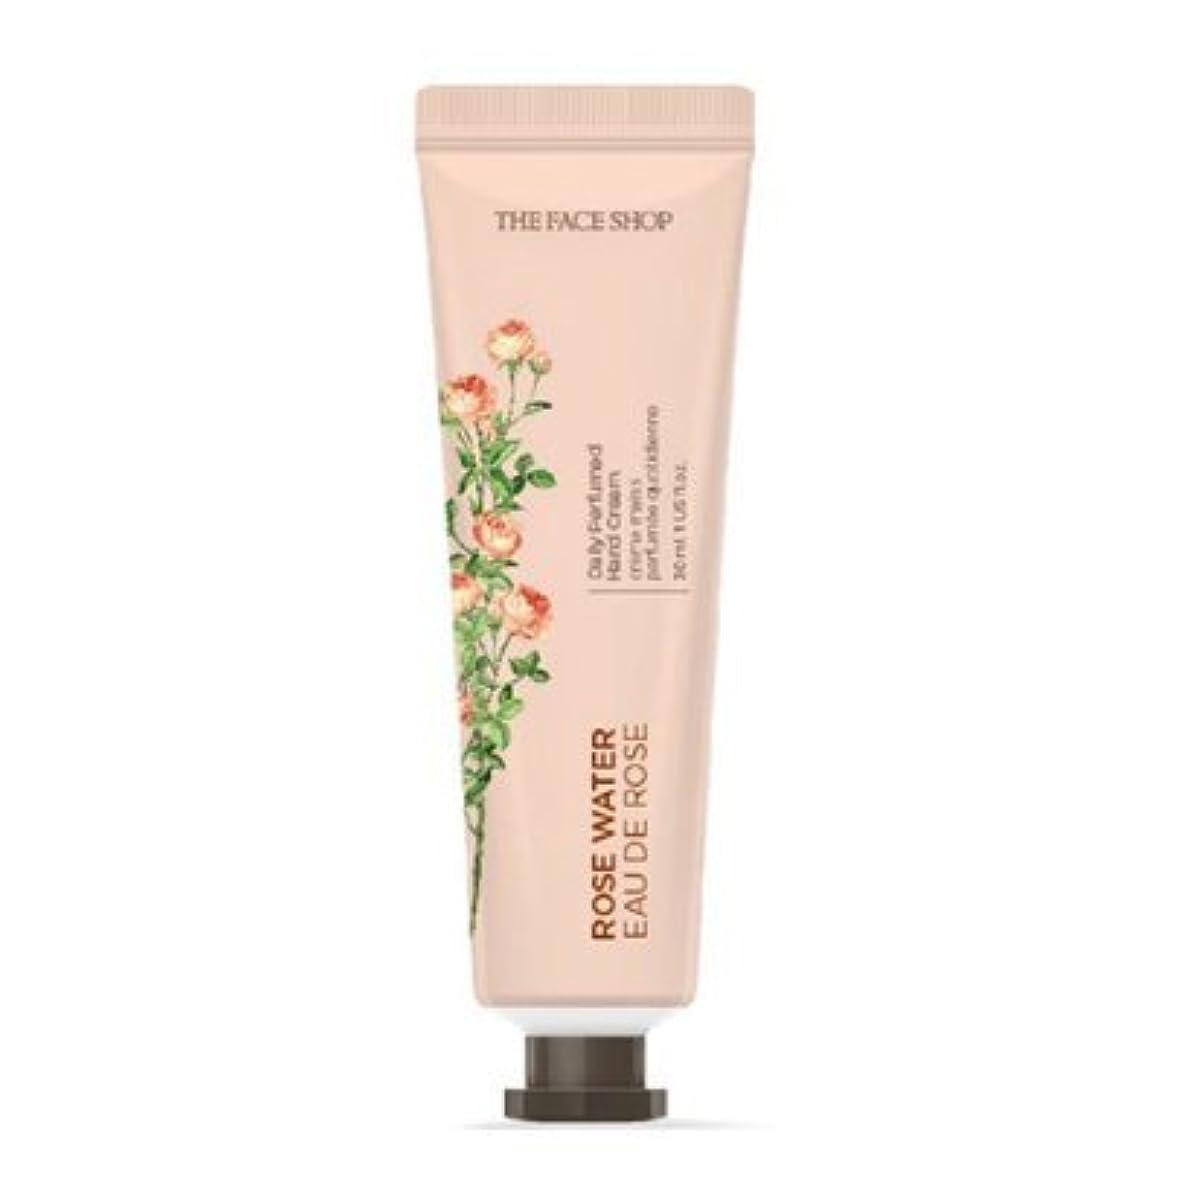 ハイランド罹患率ノーブル[1+1] THE FACE SHOP Daily Perfume Hand Cream [01.Rose Water] ザフェイスショップ デイリーパフュームハンドクリーム [01.ローズウォーター] [new] [並行輸入品]